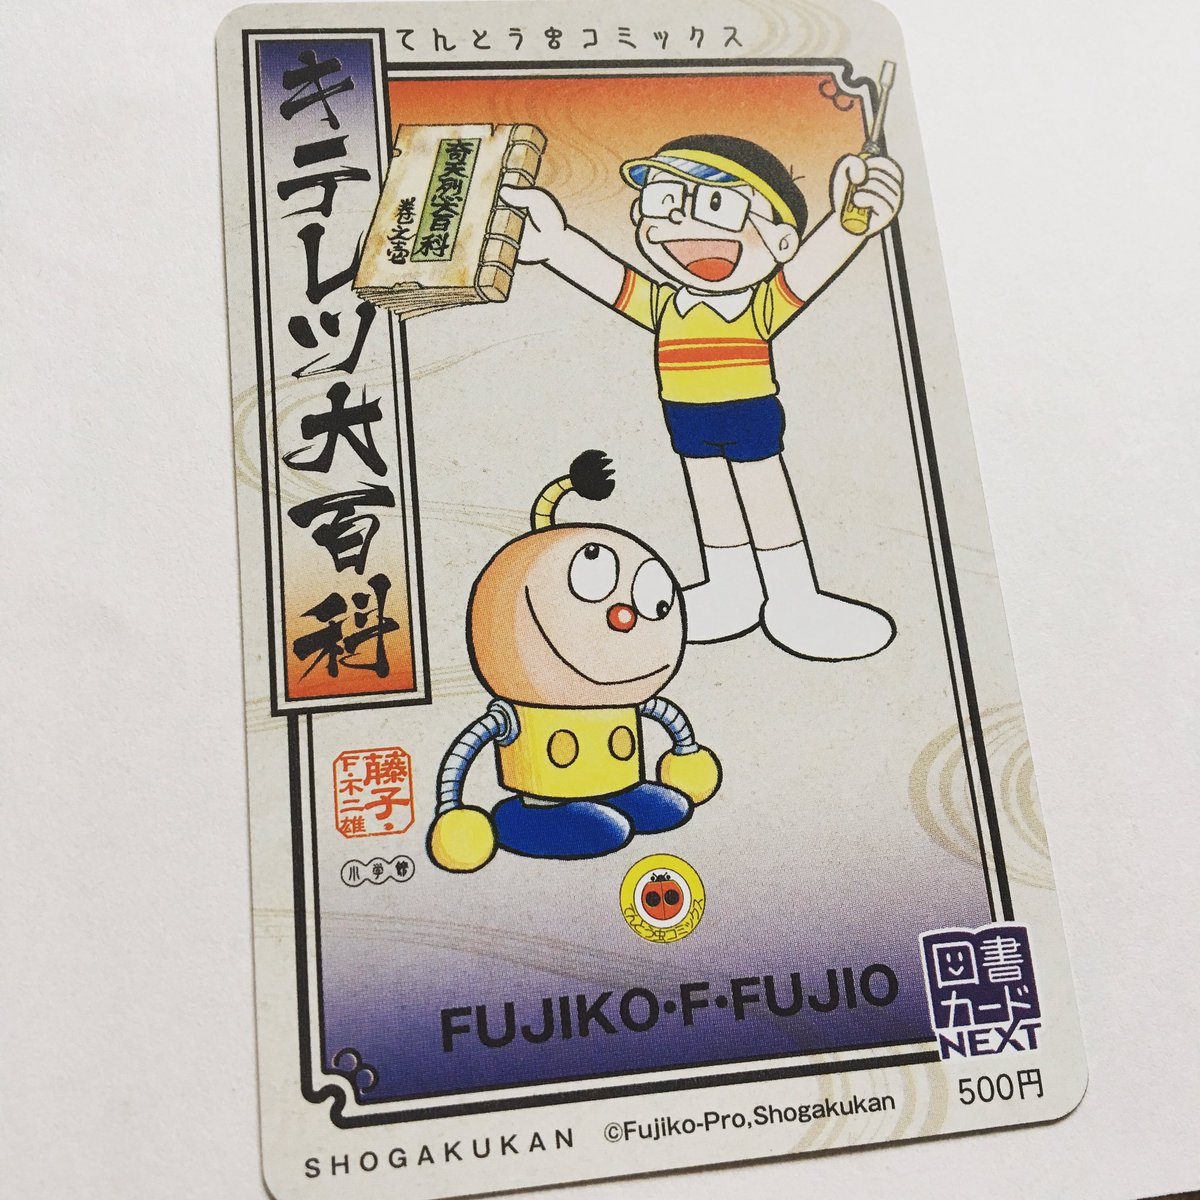 キテレツ大百科の図書カード当たった〜(*´꒳`*)ワガハイとっても嬉しいナリ╰(*´︶`*)╯♡#藤子F不二雄#キテレツ